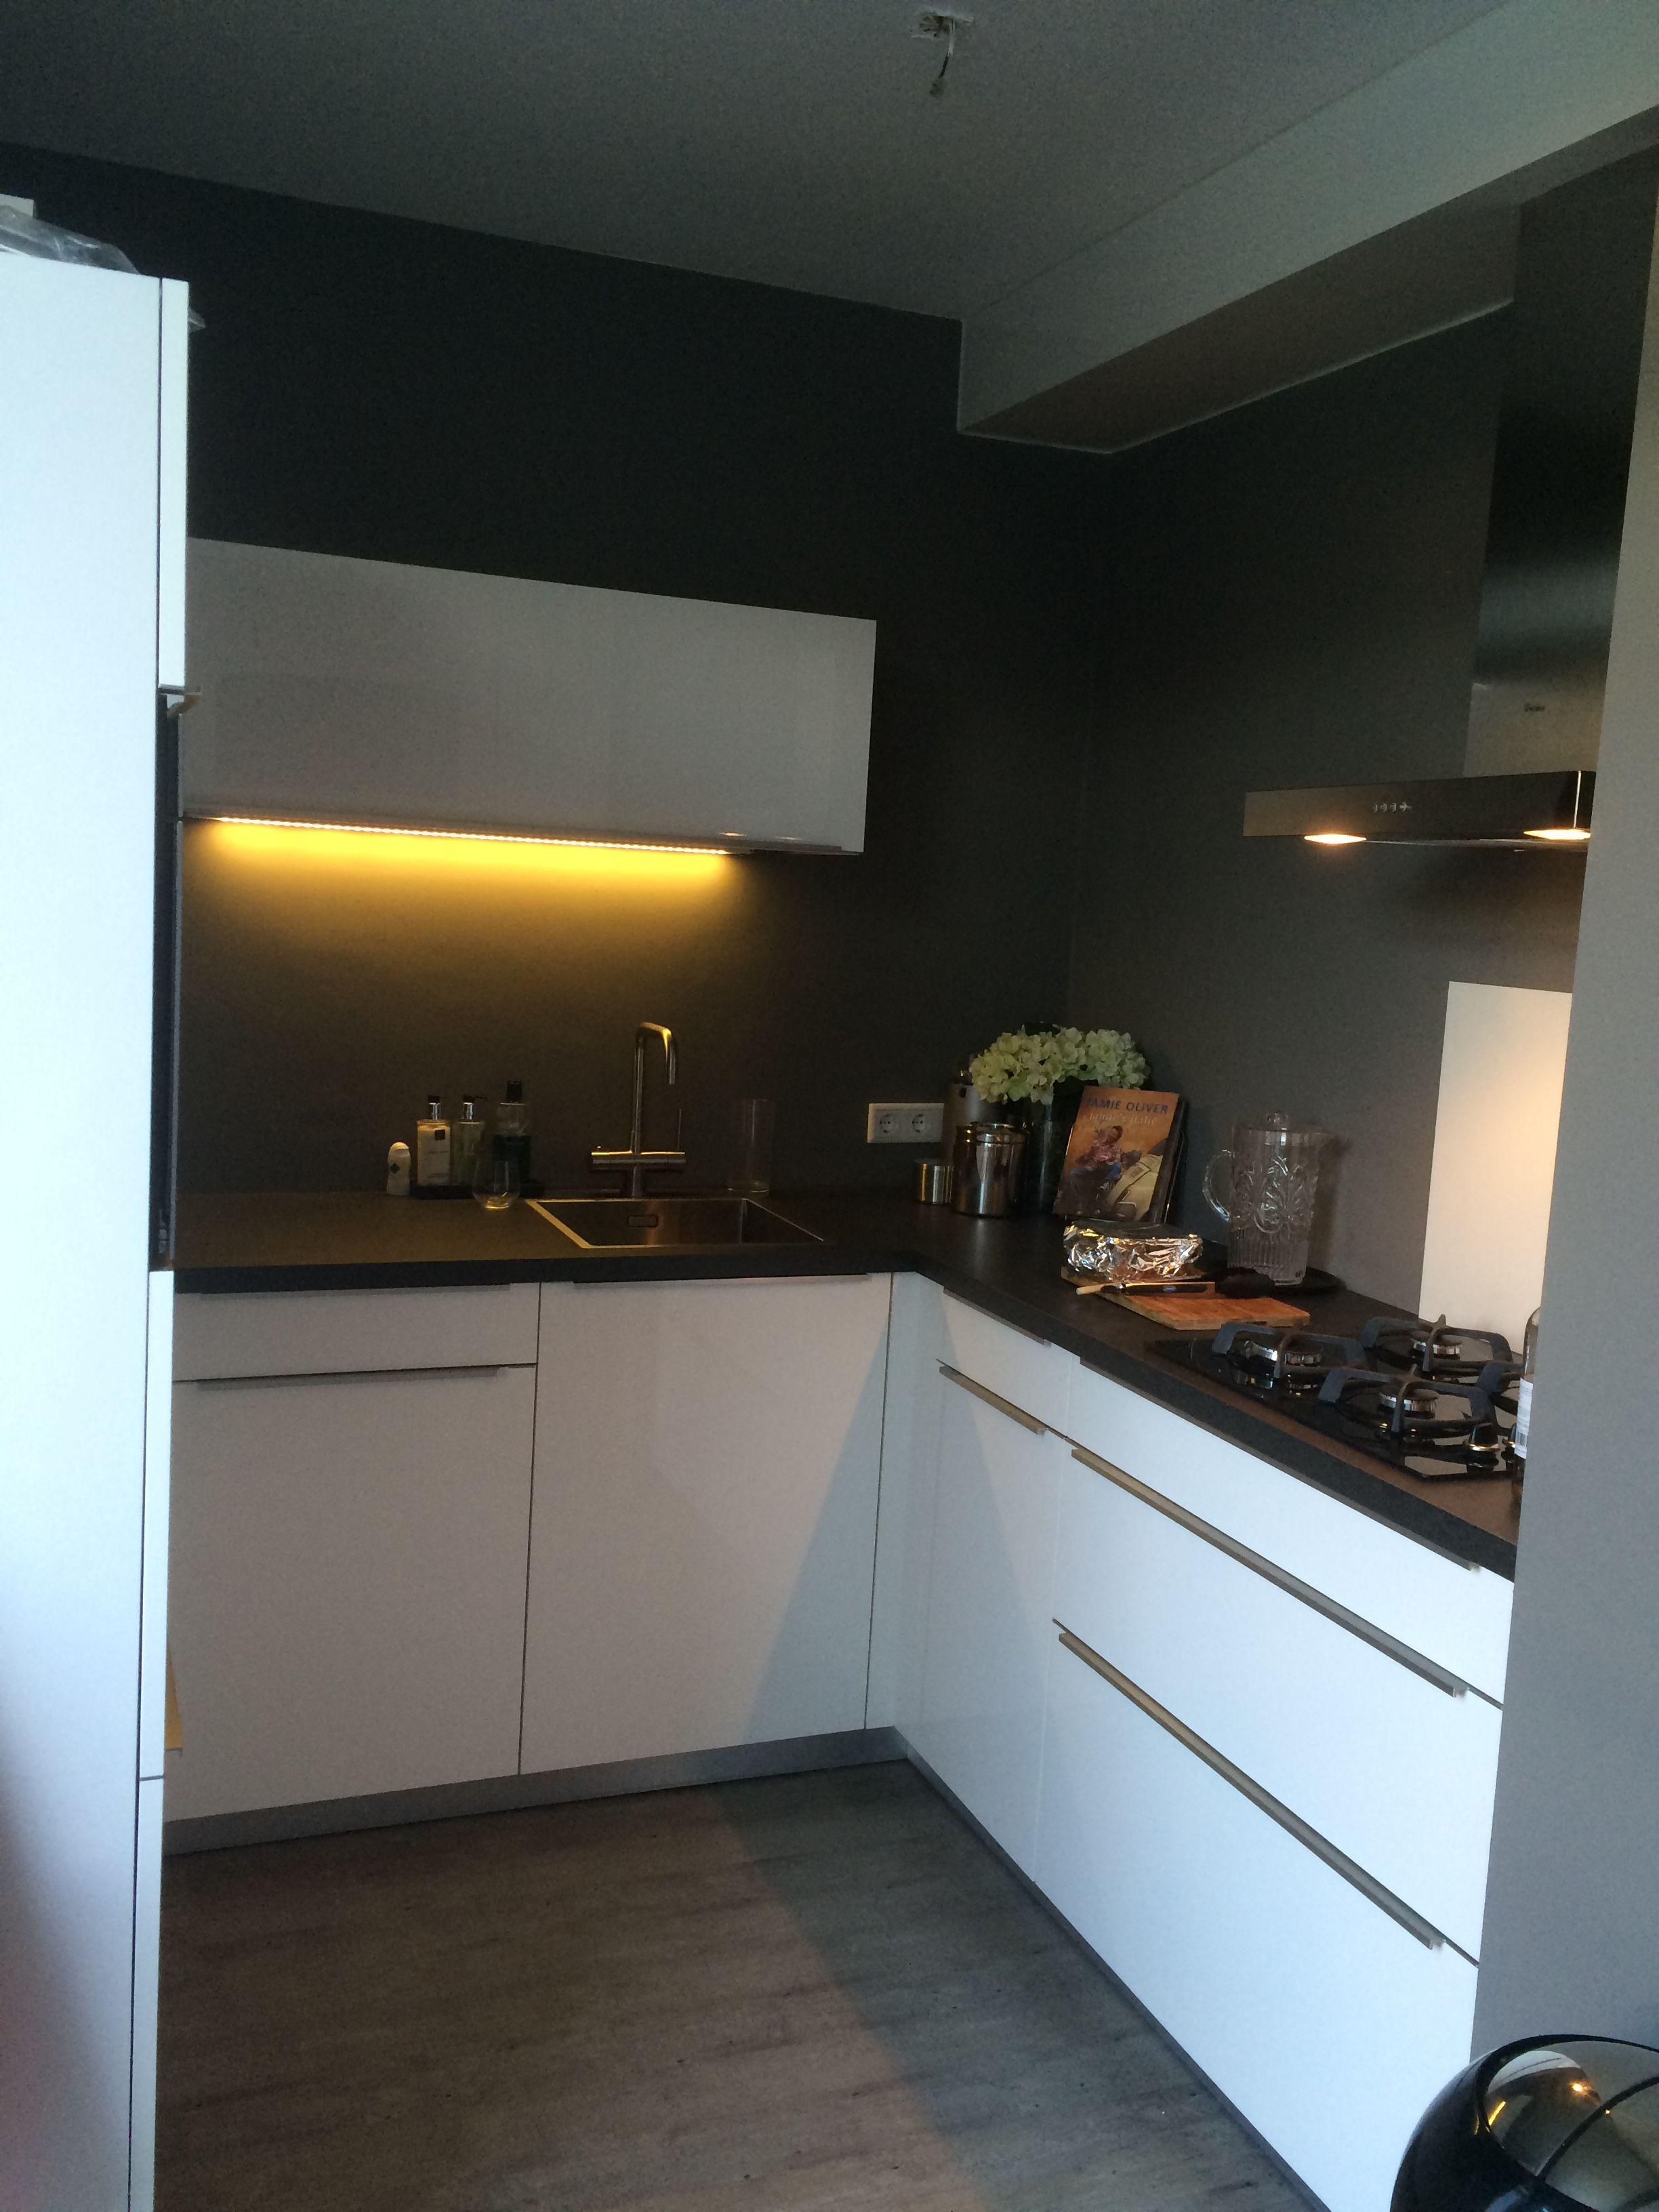 Dankuchen Hoogglans Witte Keuken Met Design Handgrepen Bauknecht Apparatuur Dan Kuchen Haus Bauknecht